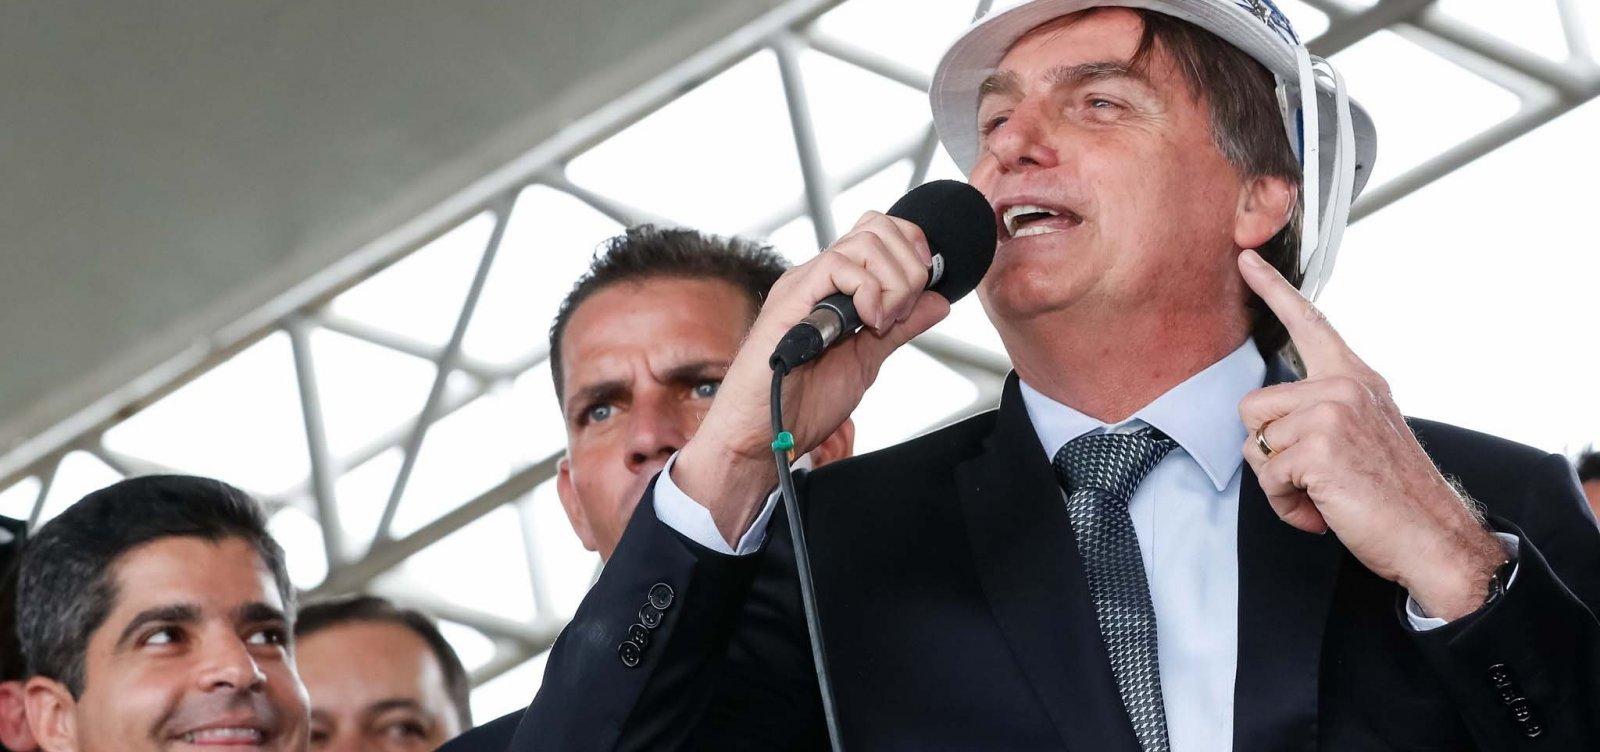 [Bolsonaro e equipe gastaram R$ 3,7 mi com viagens; visitas à BA custaram R$ 168,7 mil]